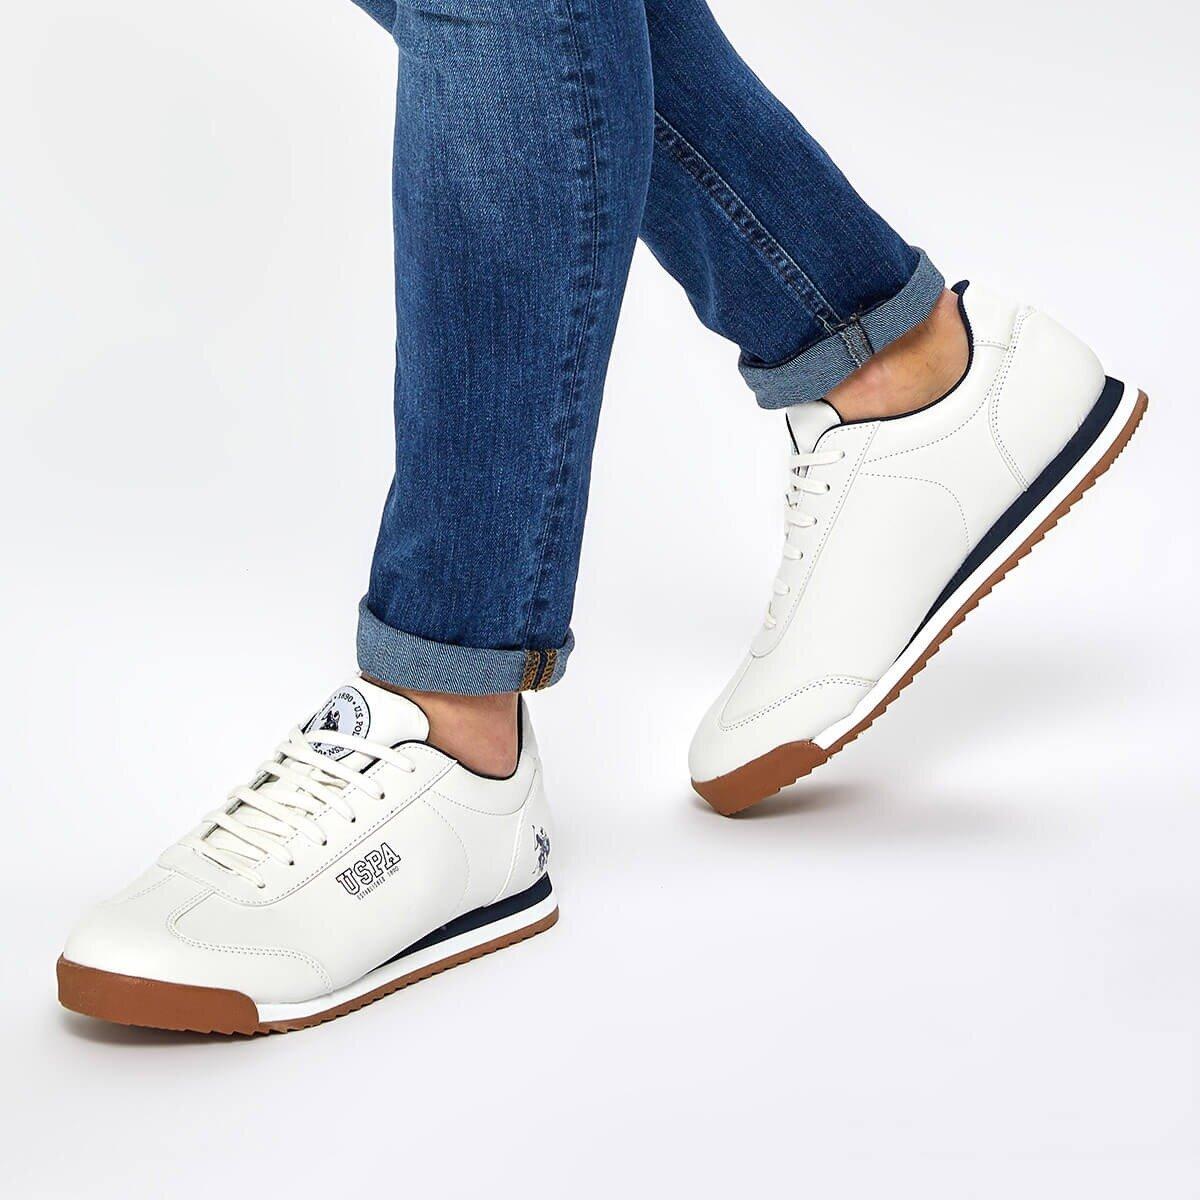 FLO DEEP 9PR White Men 'S Sneaker Shoes U.S. POLO ASSN.